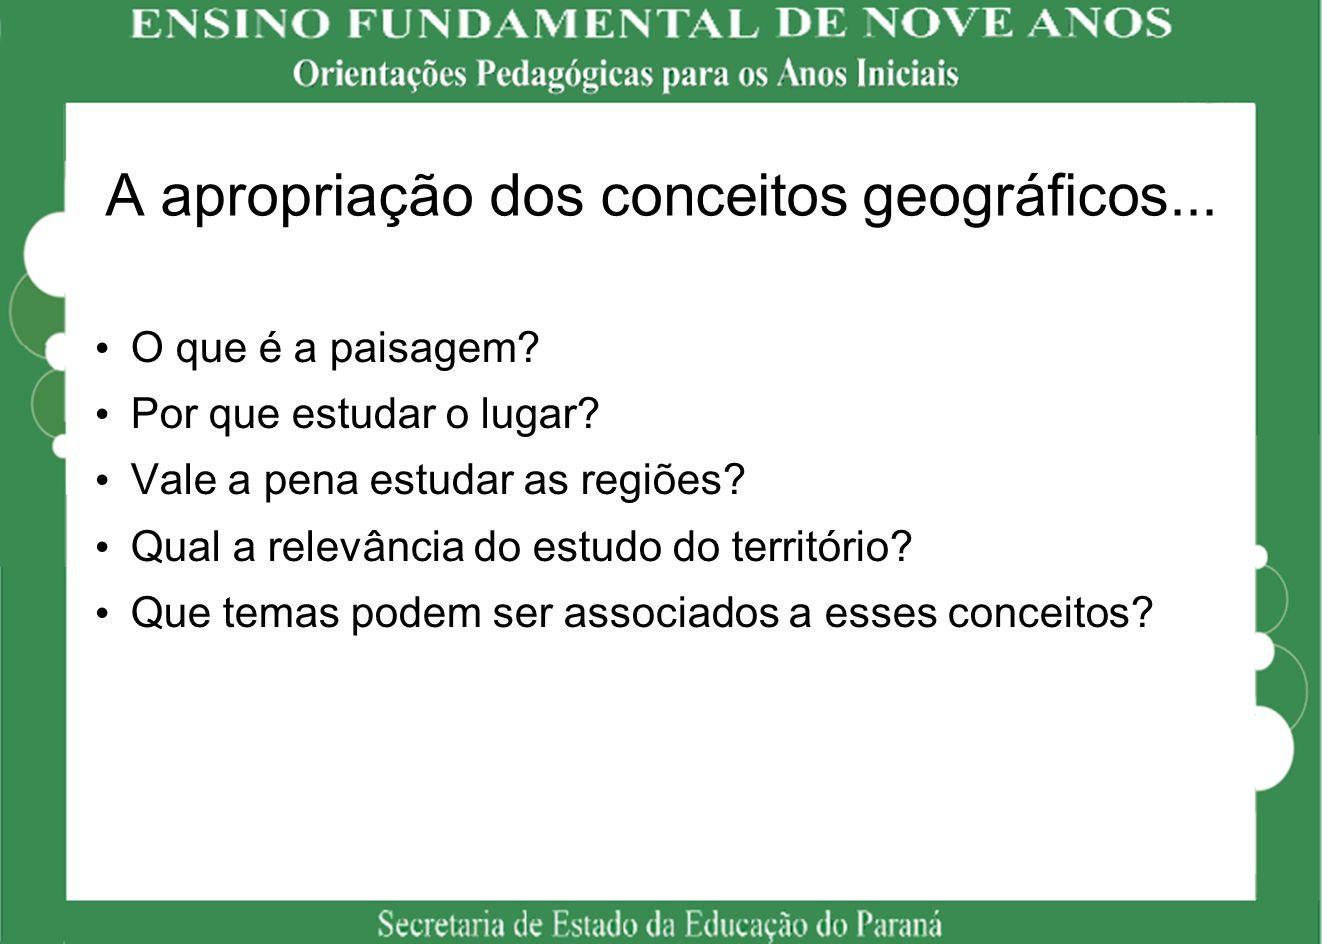 A apropriação dos conceitos geográficos...